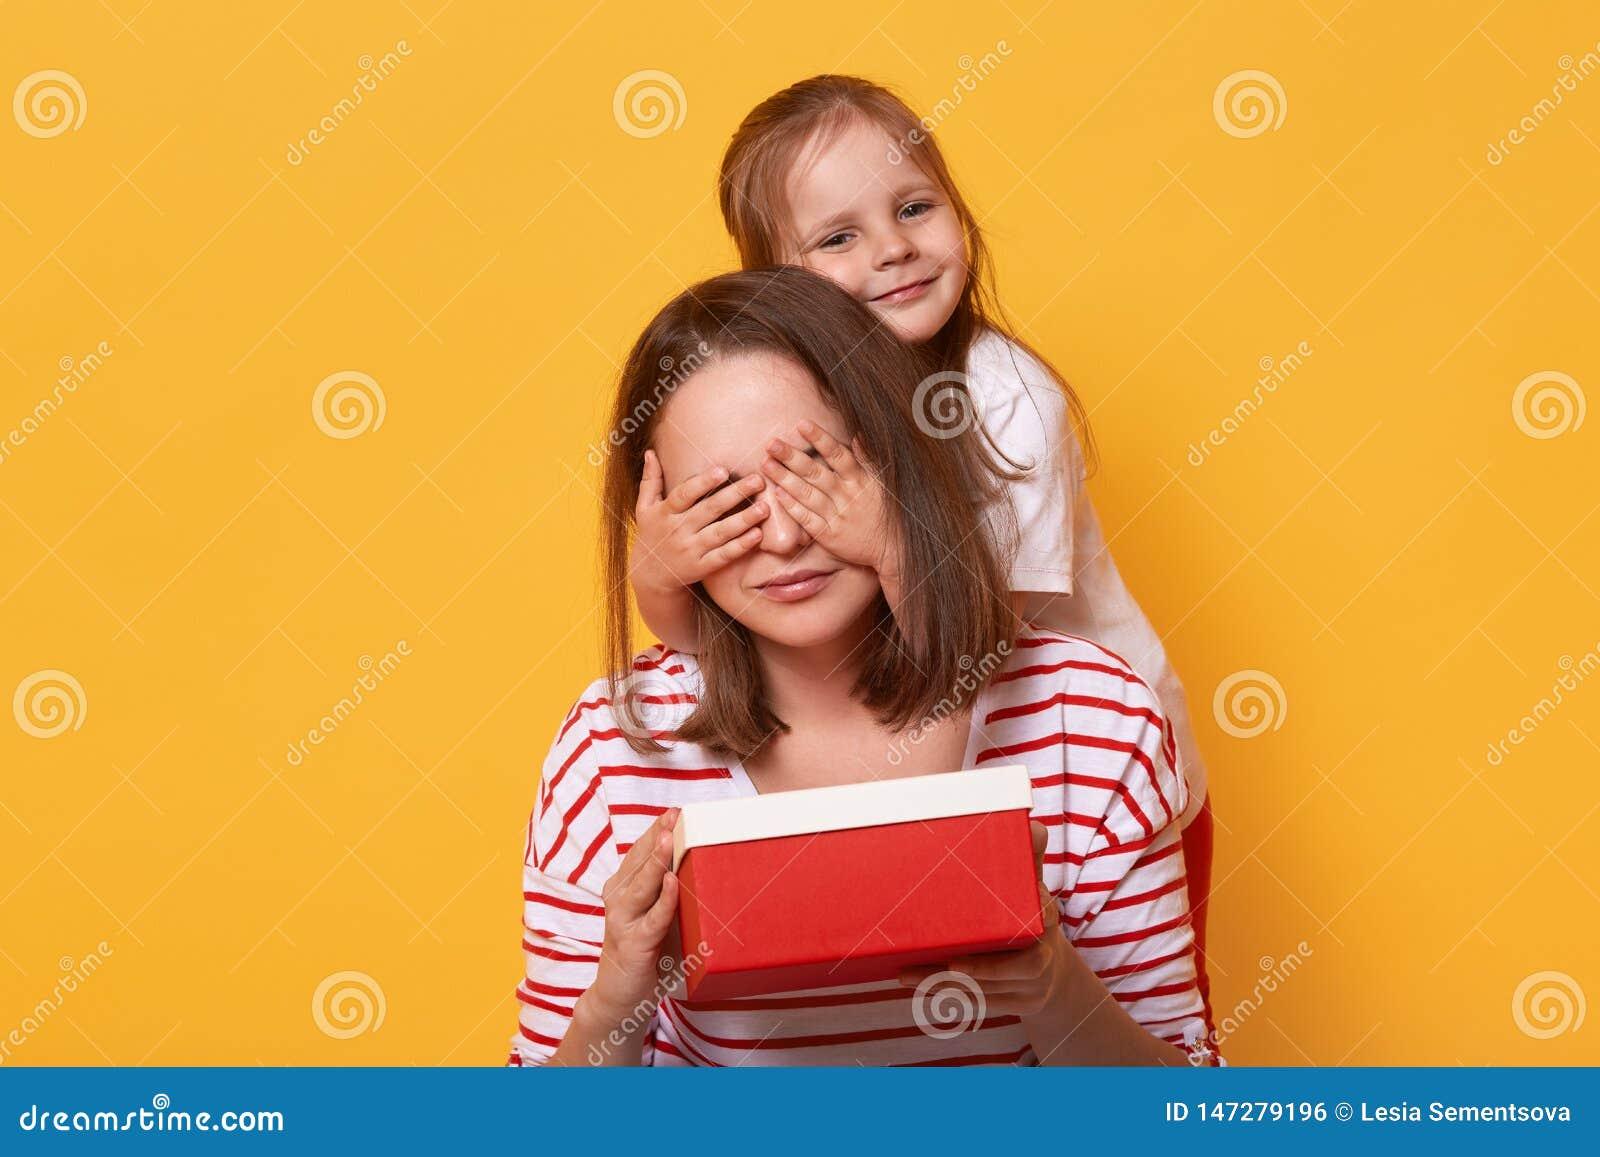 Lächelnde kleine Tochter schließt Augen zu ihrer Mutter und gibt ihren roten Kasten, sich darstellen für Muttertag, Überraschung